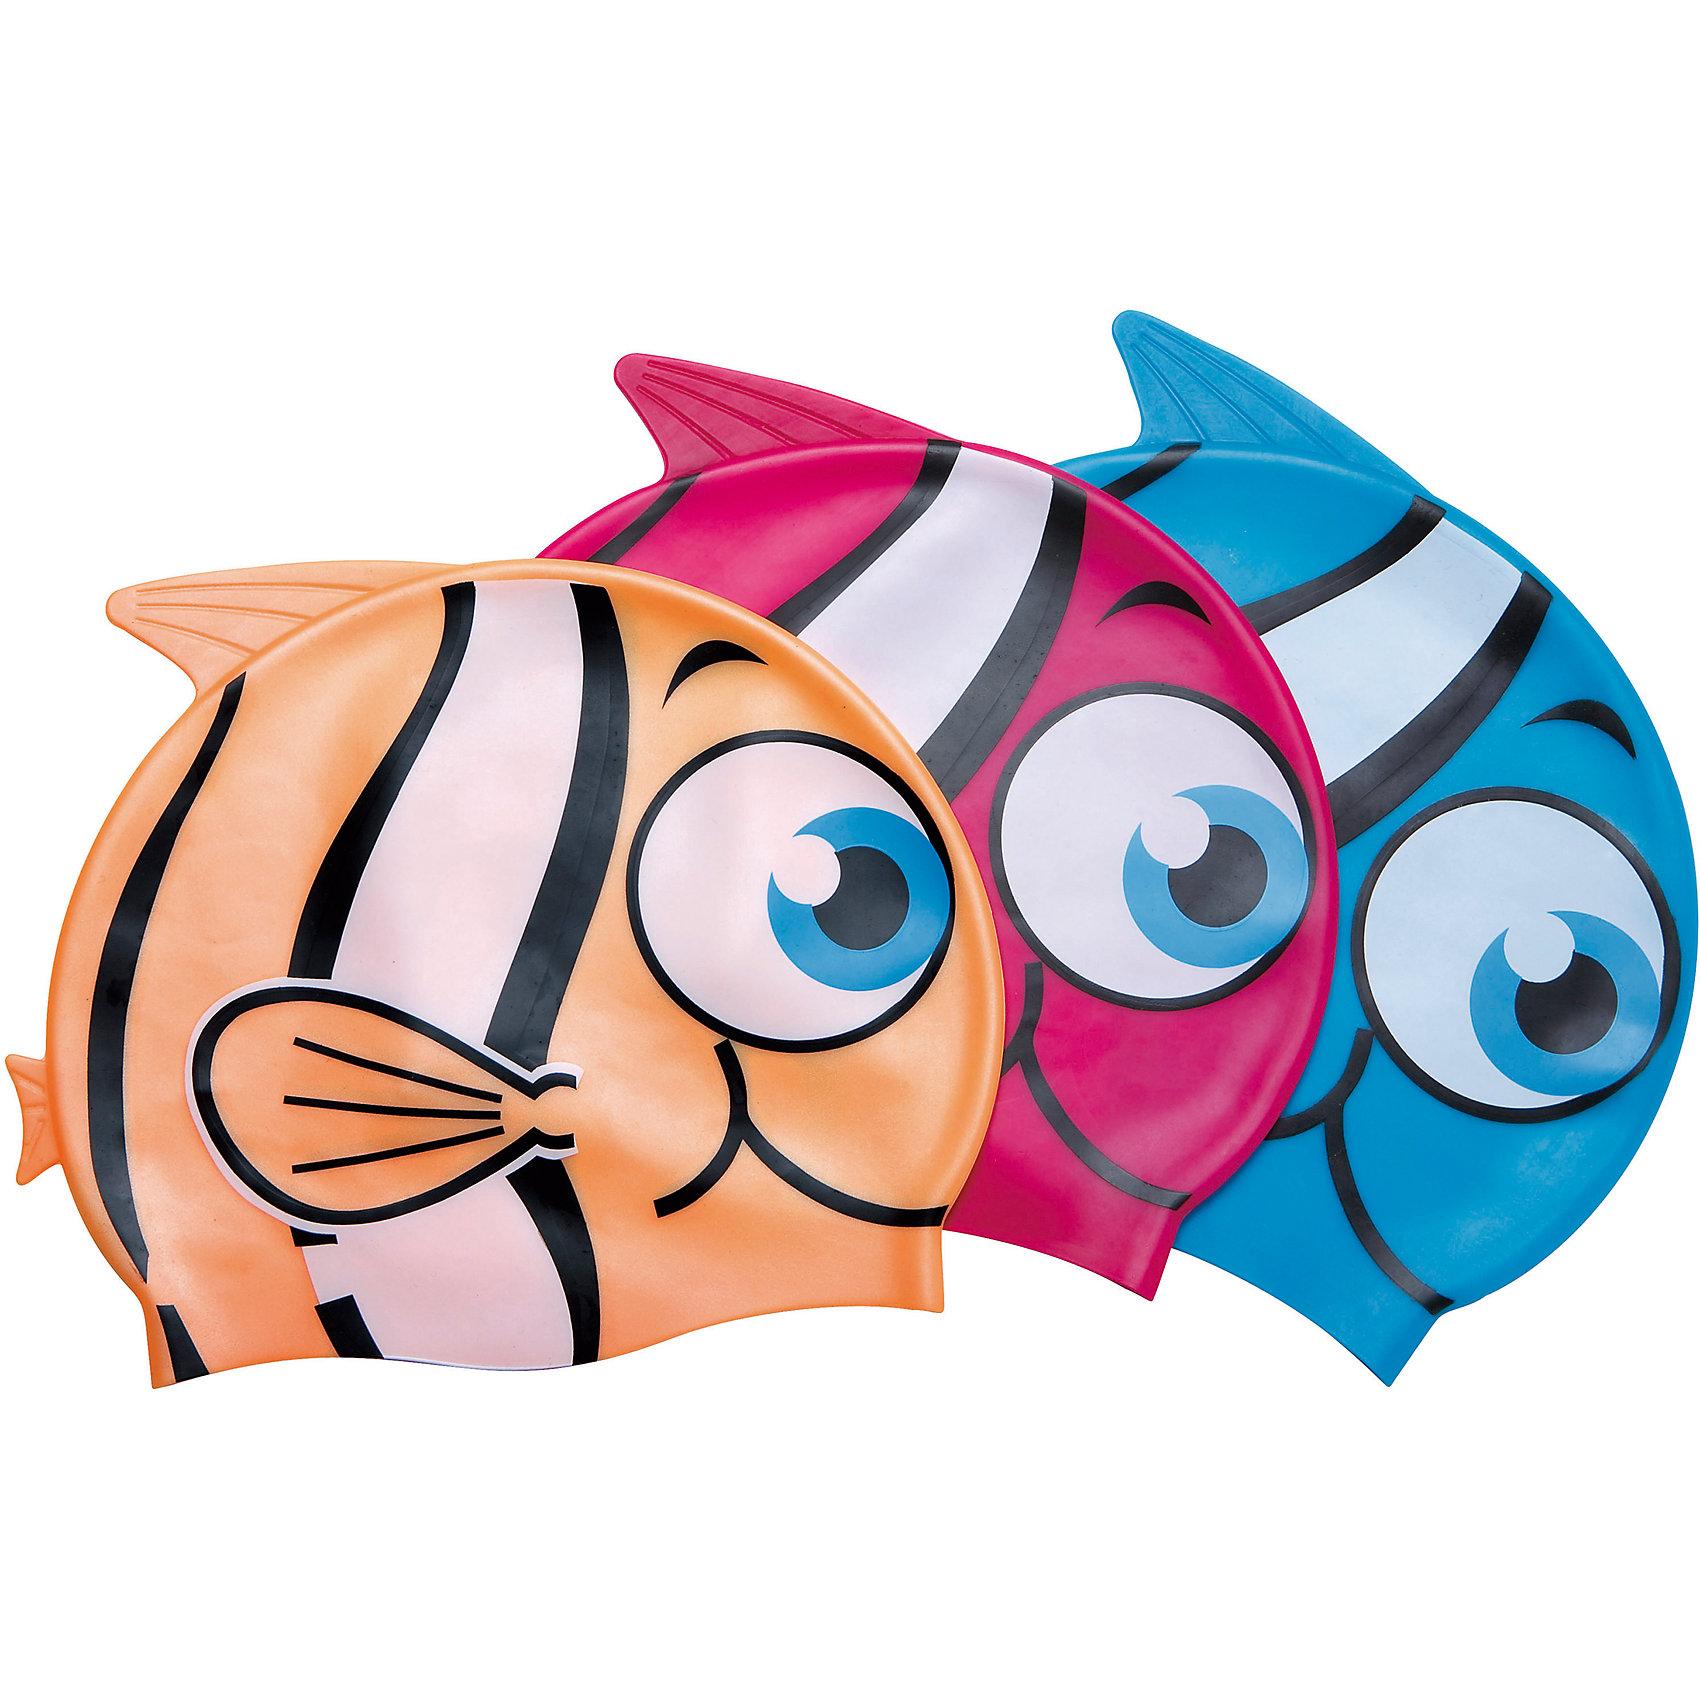 Шапочка для купания Little Buddy для детей, оранжевая, BestwayОчки, маски, ласты, шапочки<br>Шапочка для купания Little Buddy для детей, оранжевая Bestway (Бествей)<br><br>Характеристики:<br><br>• растягивается до нужного размера<br>• надежно защищает волосы<br>• водонепроницаемый  материал<br>• материал: силикон<br>• цвет: оранжевый<br>• размер упаковки: 15,2х13х29,5 см<br>• вес: 61 грамм<br><br>Яркая шапочка для купания всегда будет радовать юного пловца. Шапочка изготовлена из качественного силикона, который хорошо растягивается до нужного размера и надежно облегает голову, защищая волосы от воды. Шапка выполнена в виде красивой рыбки с большими глазками. Сверху располагается плавник, придающий еще больше реалистичности. В яркой шапочке маленький спортсмен будет плавать с удовольствием!<br><br>Шапочку для купания Little Buddy для детей, оранжевую, Bestway (Бествей) вы можете купить в нашем интернет-магазине.<br><br>Ширина мм: 295<br>Глубина мм: 130<br>Высота мм: 152<br>Вес г: 61<br>Возраст от месяцев: 36<br>Возраст до месяцев: 2147483647<br>Пол: Унисекс<br>Возраст: Детский<br>SKU: 5486865